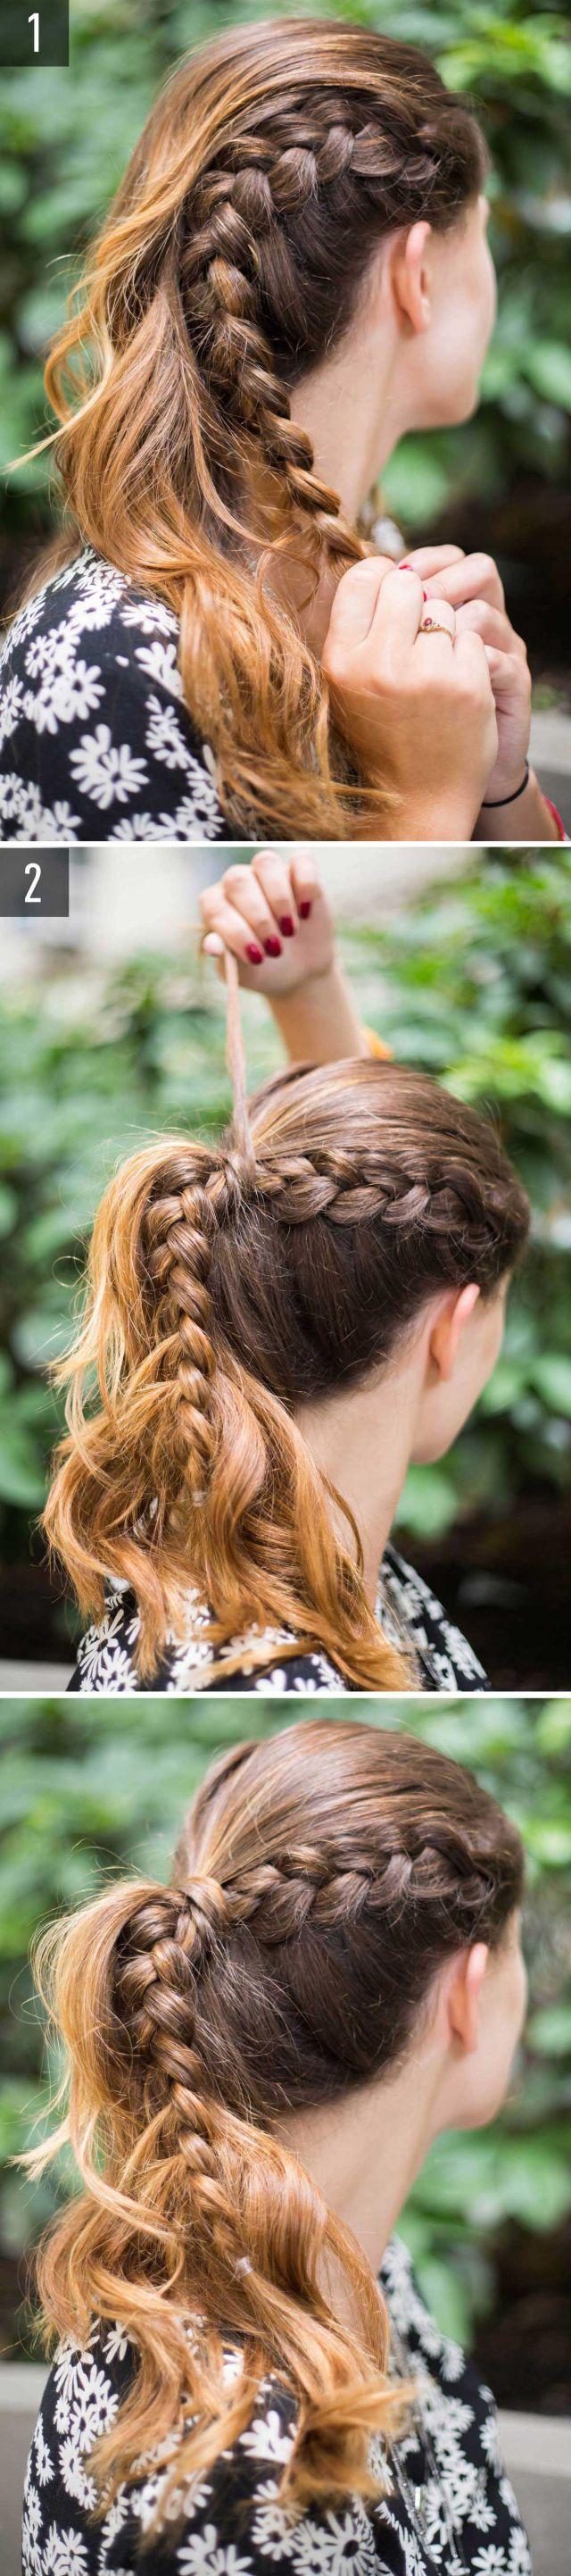 15 pettinature per capelli lunghi facili e risolutive per le vacanze -cosmopolitan.it